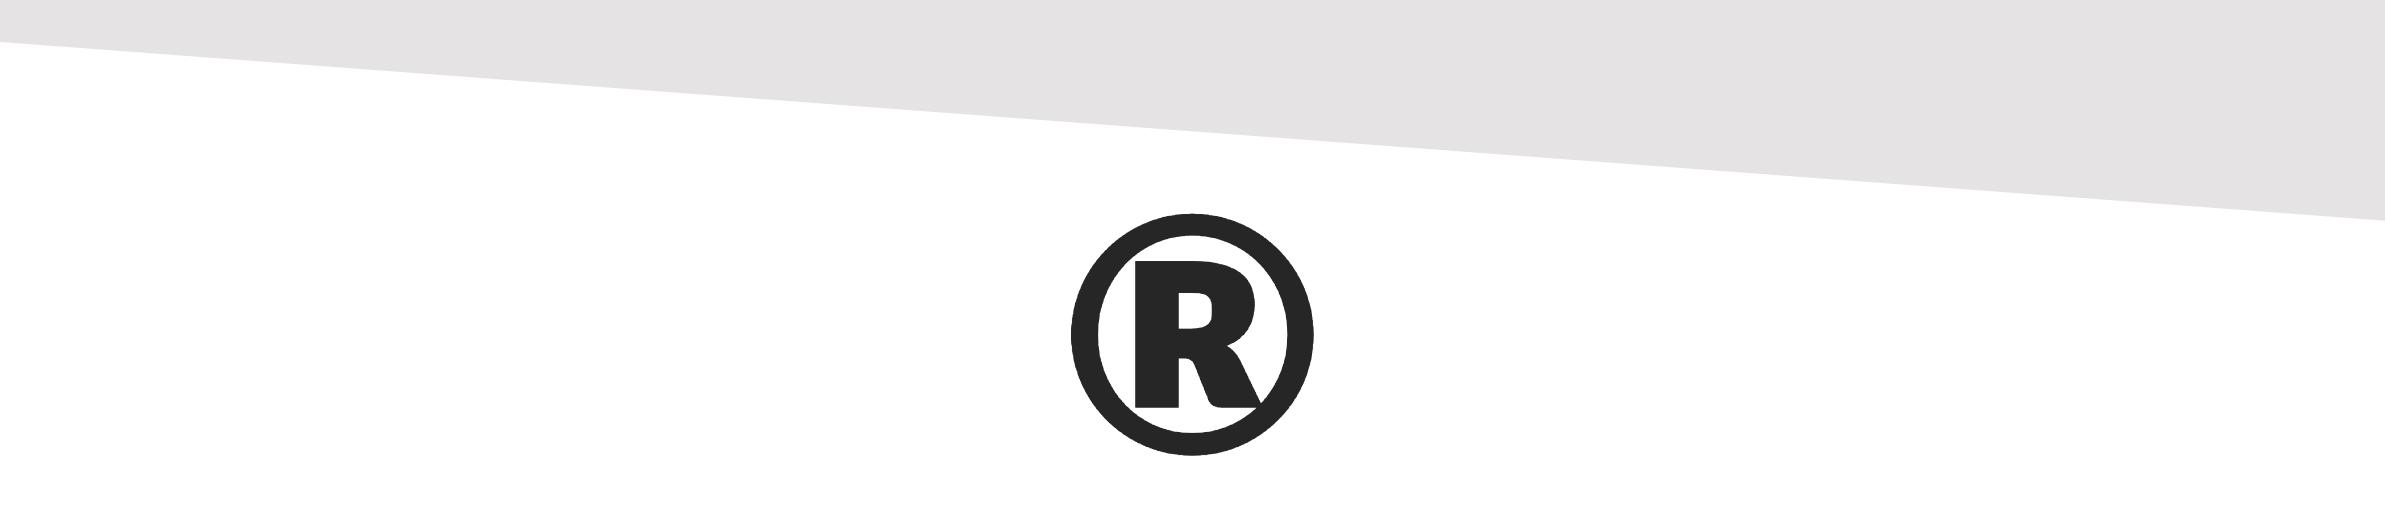 Markenrecht Anwalt: Wie melde ich eine Marke an?